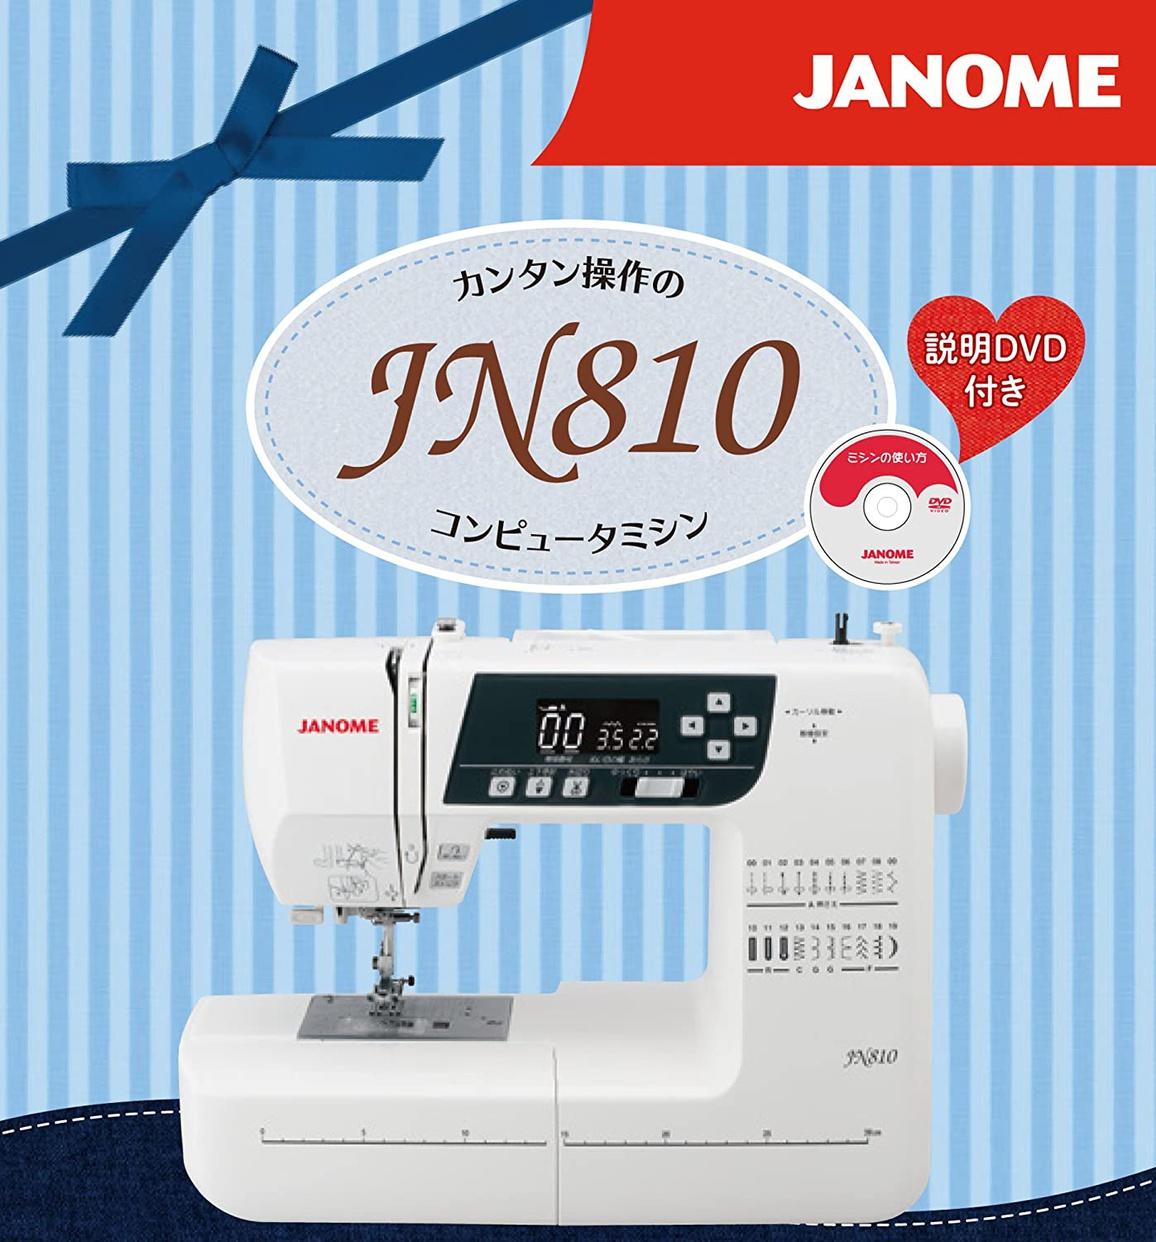 JANOME(ジャノメ) コンピュータミシン JN810の商品画像4